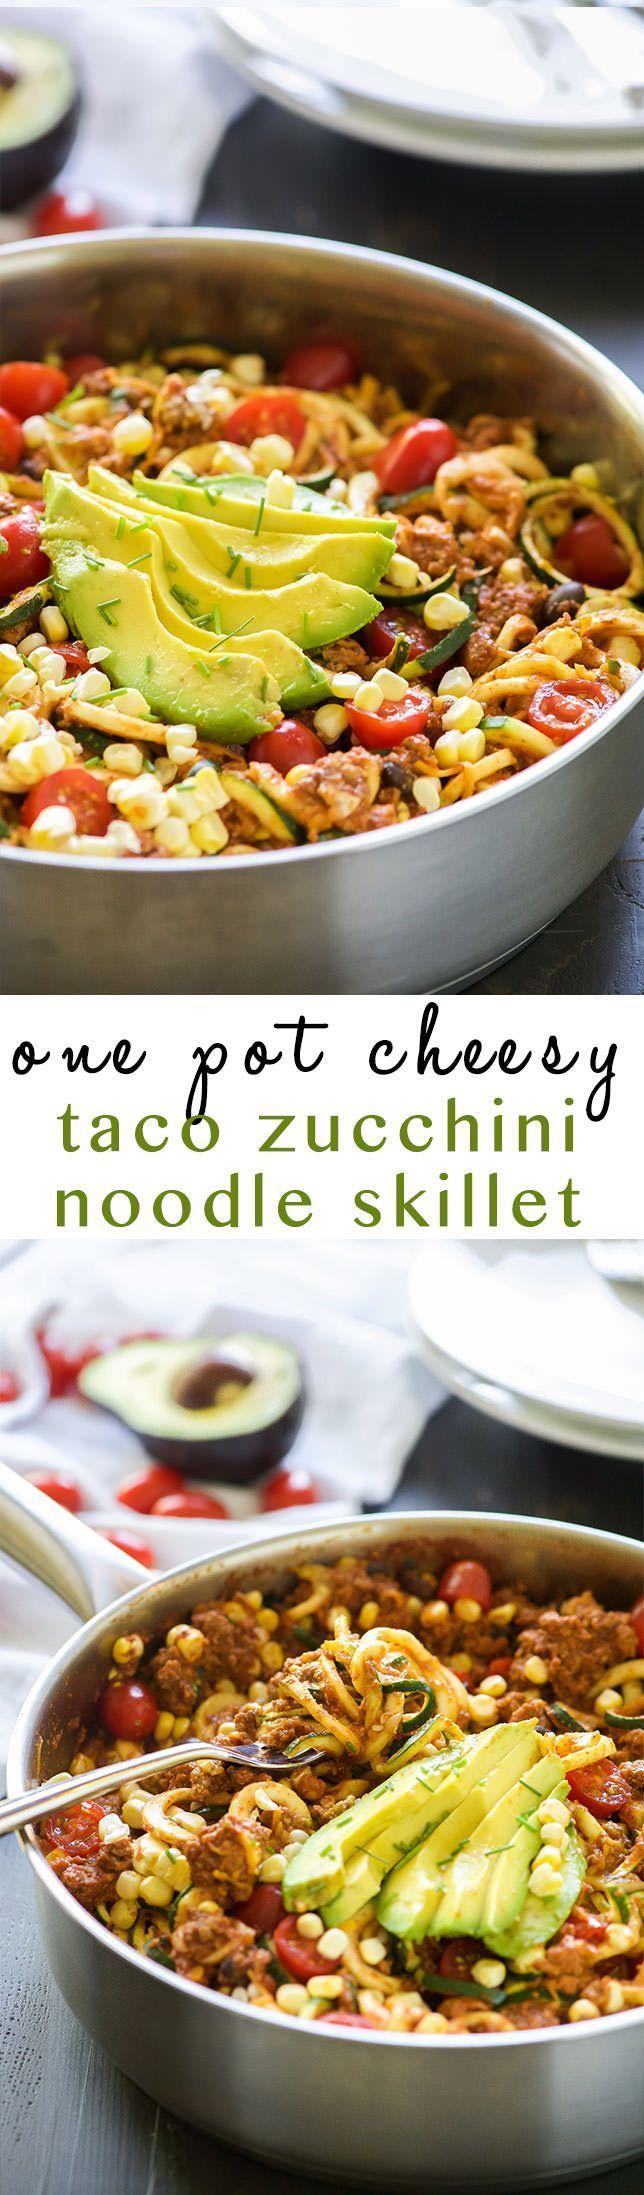 1000+ ideas about Zucchini Enchiladas on Pinterest | Cheese Enchilada ...